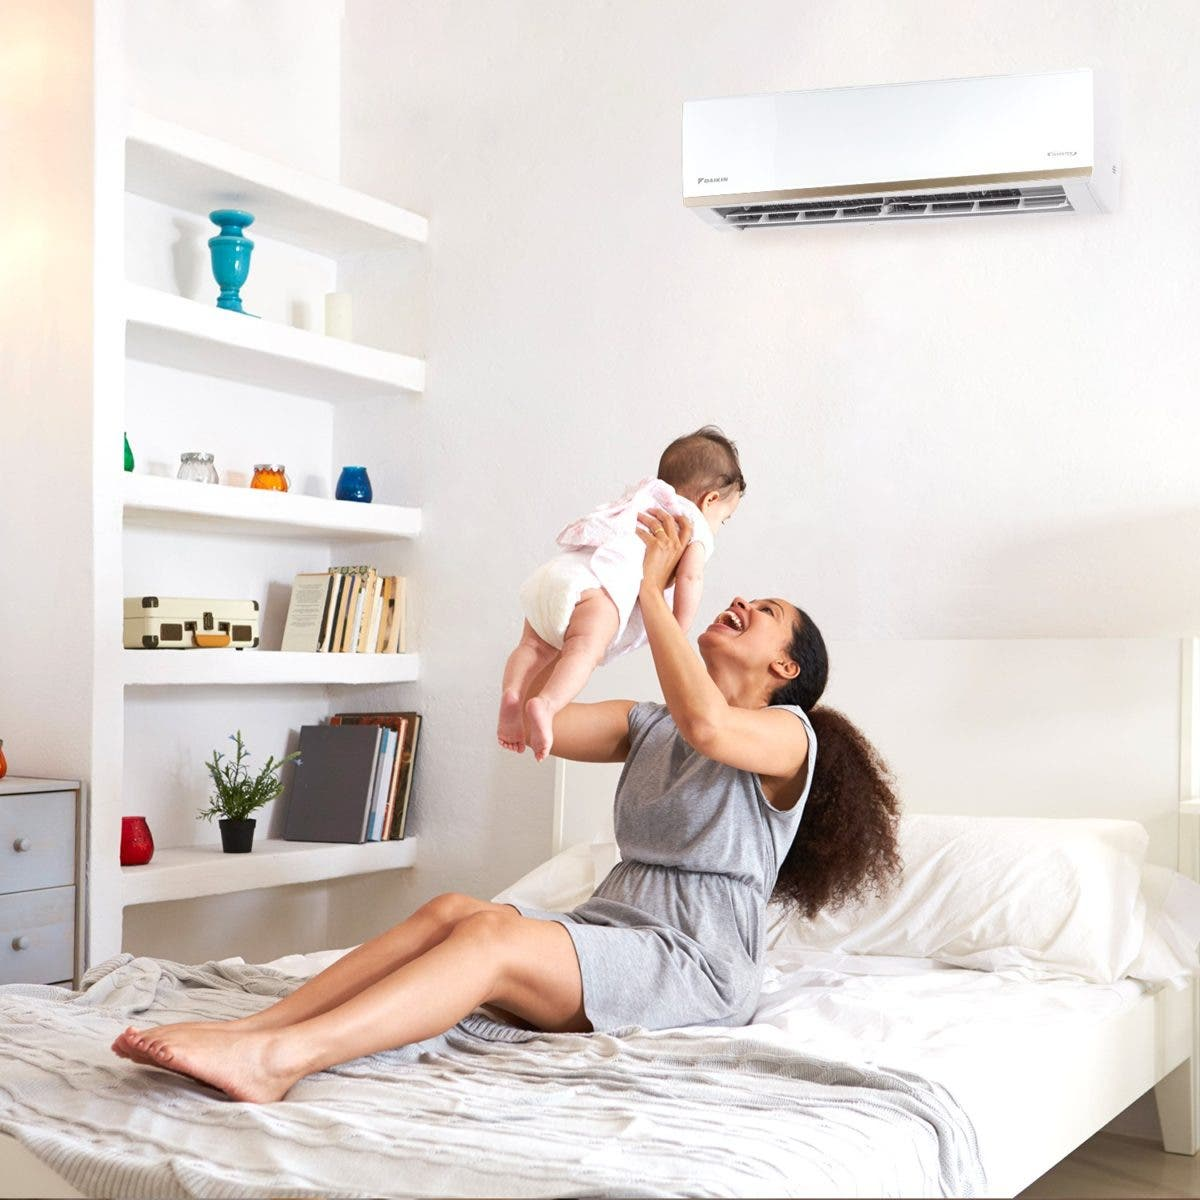 ¿Ahorrar energía a pesar del calor?  Sí, ¿por qué no?